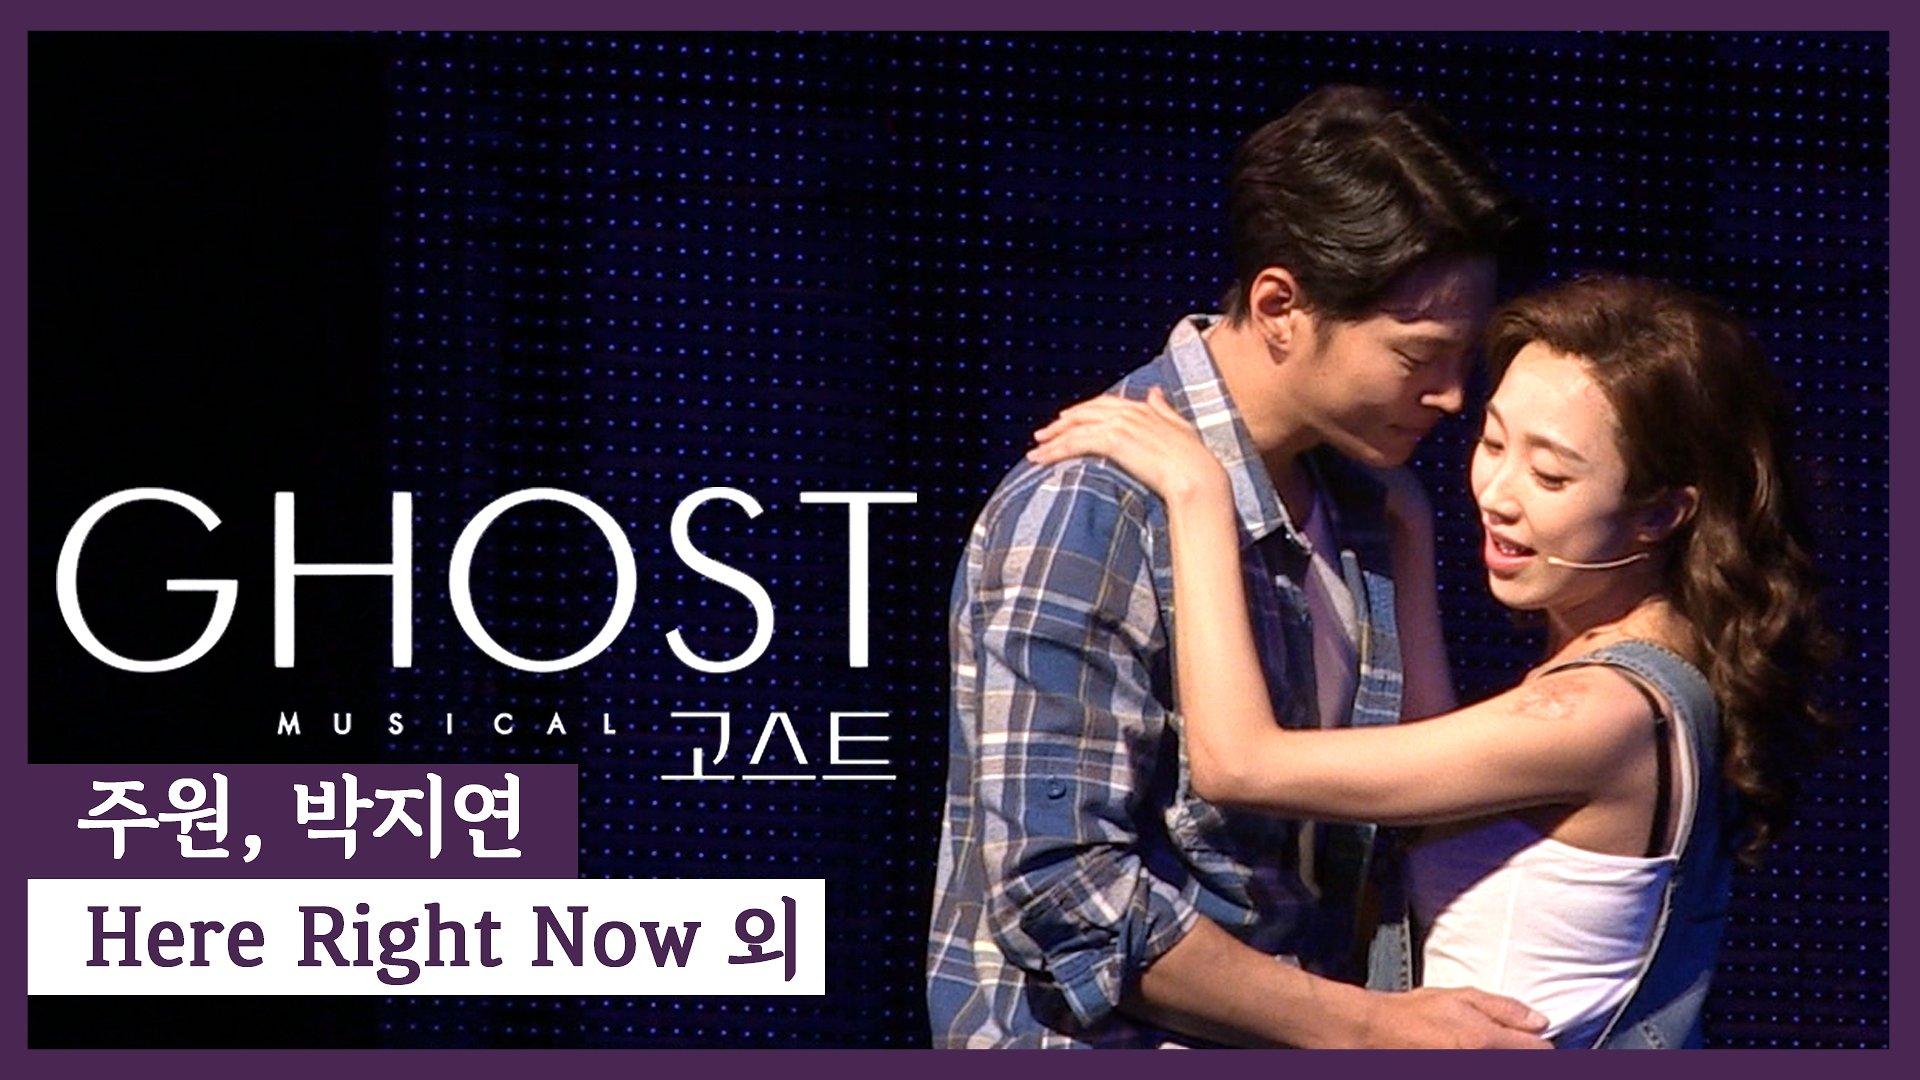 뮤지컬 '고스트' 2020 프레스콜 'Here Right Now' 외 - 주원, 박지연, 백형훈 외